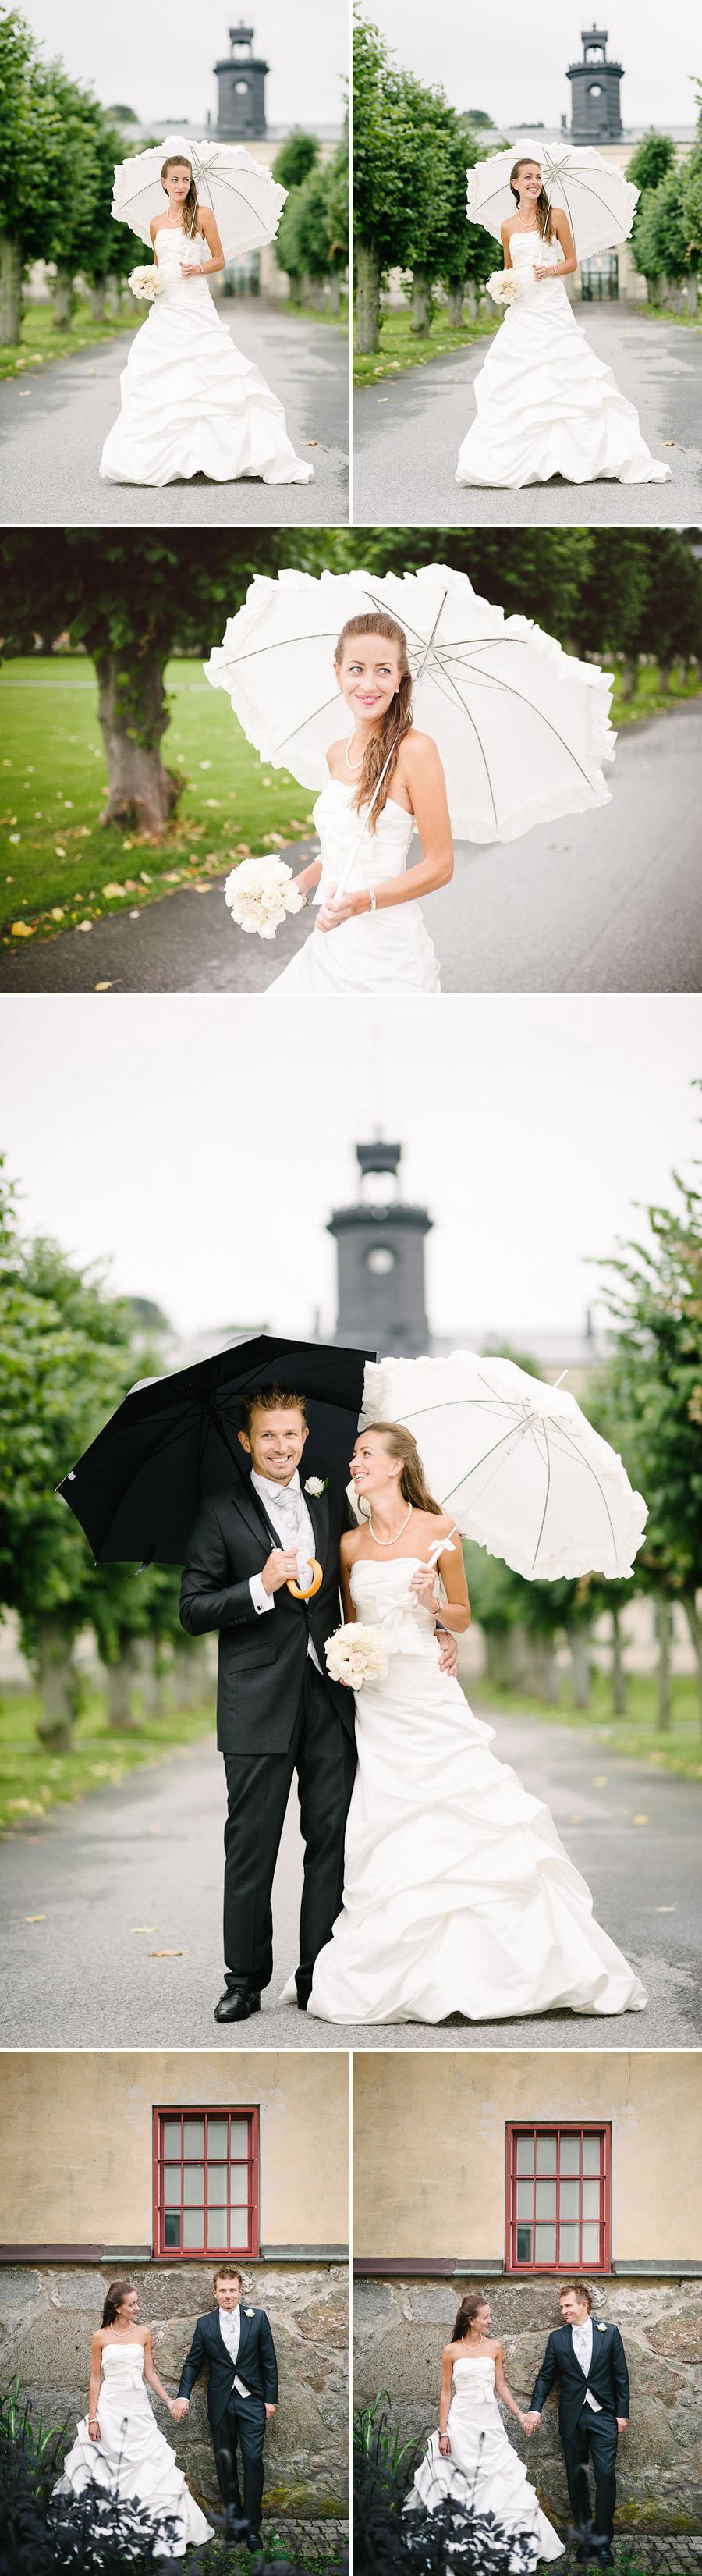 Bröllopsfotograf Göteborg Anna & Martin: Porträtt vid Nya Varvet